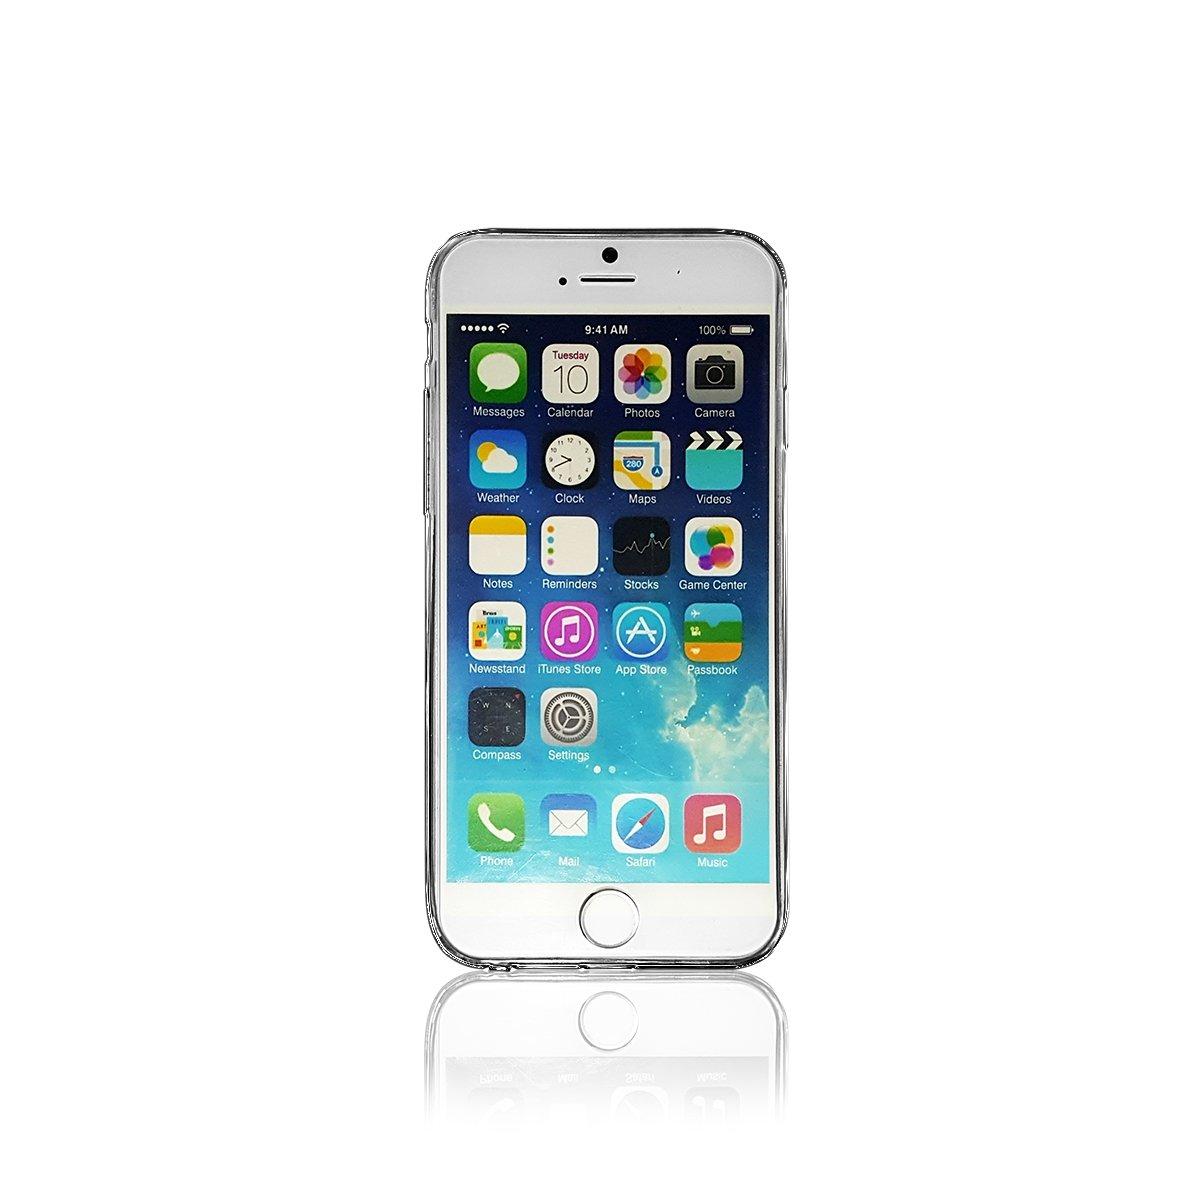 Ốp lưng iPhone 6 / 6S Plus, Tuxedo Phantom (TPU cao cấp, trong suốt, mềm mại, chống va đập)